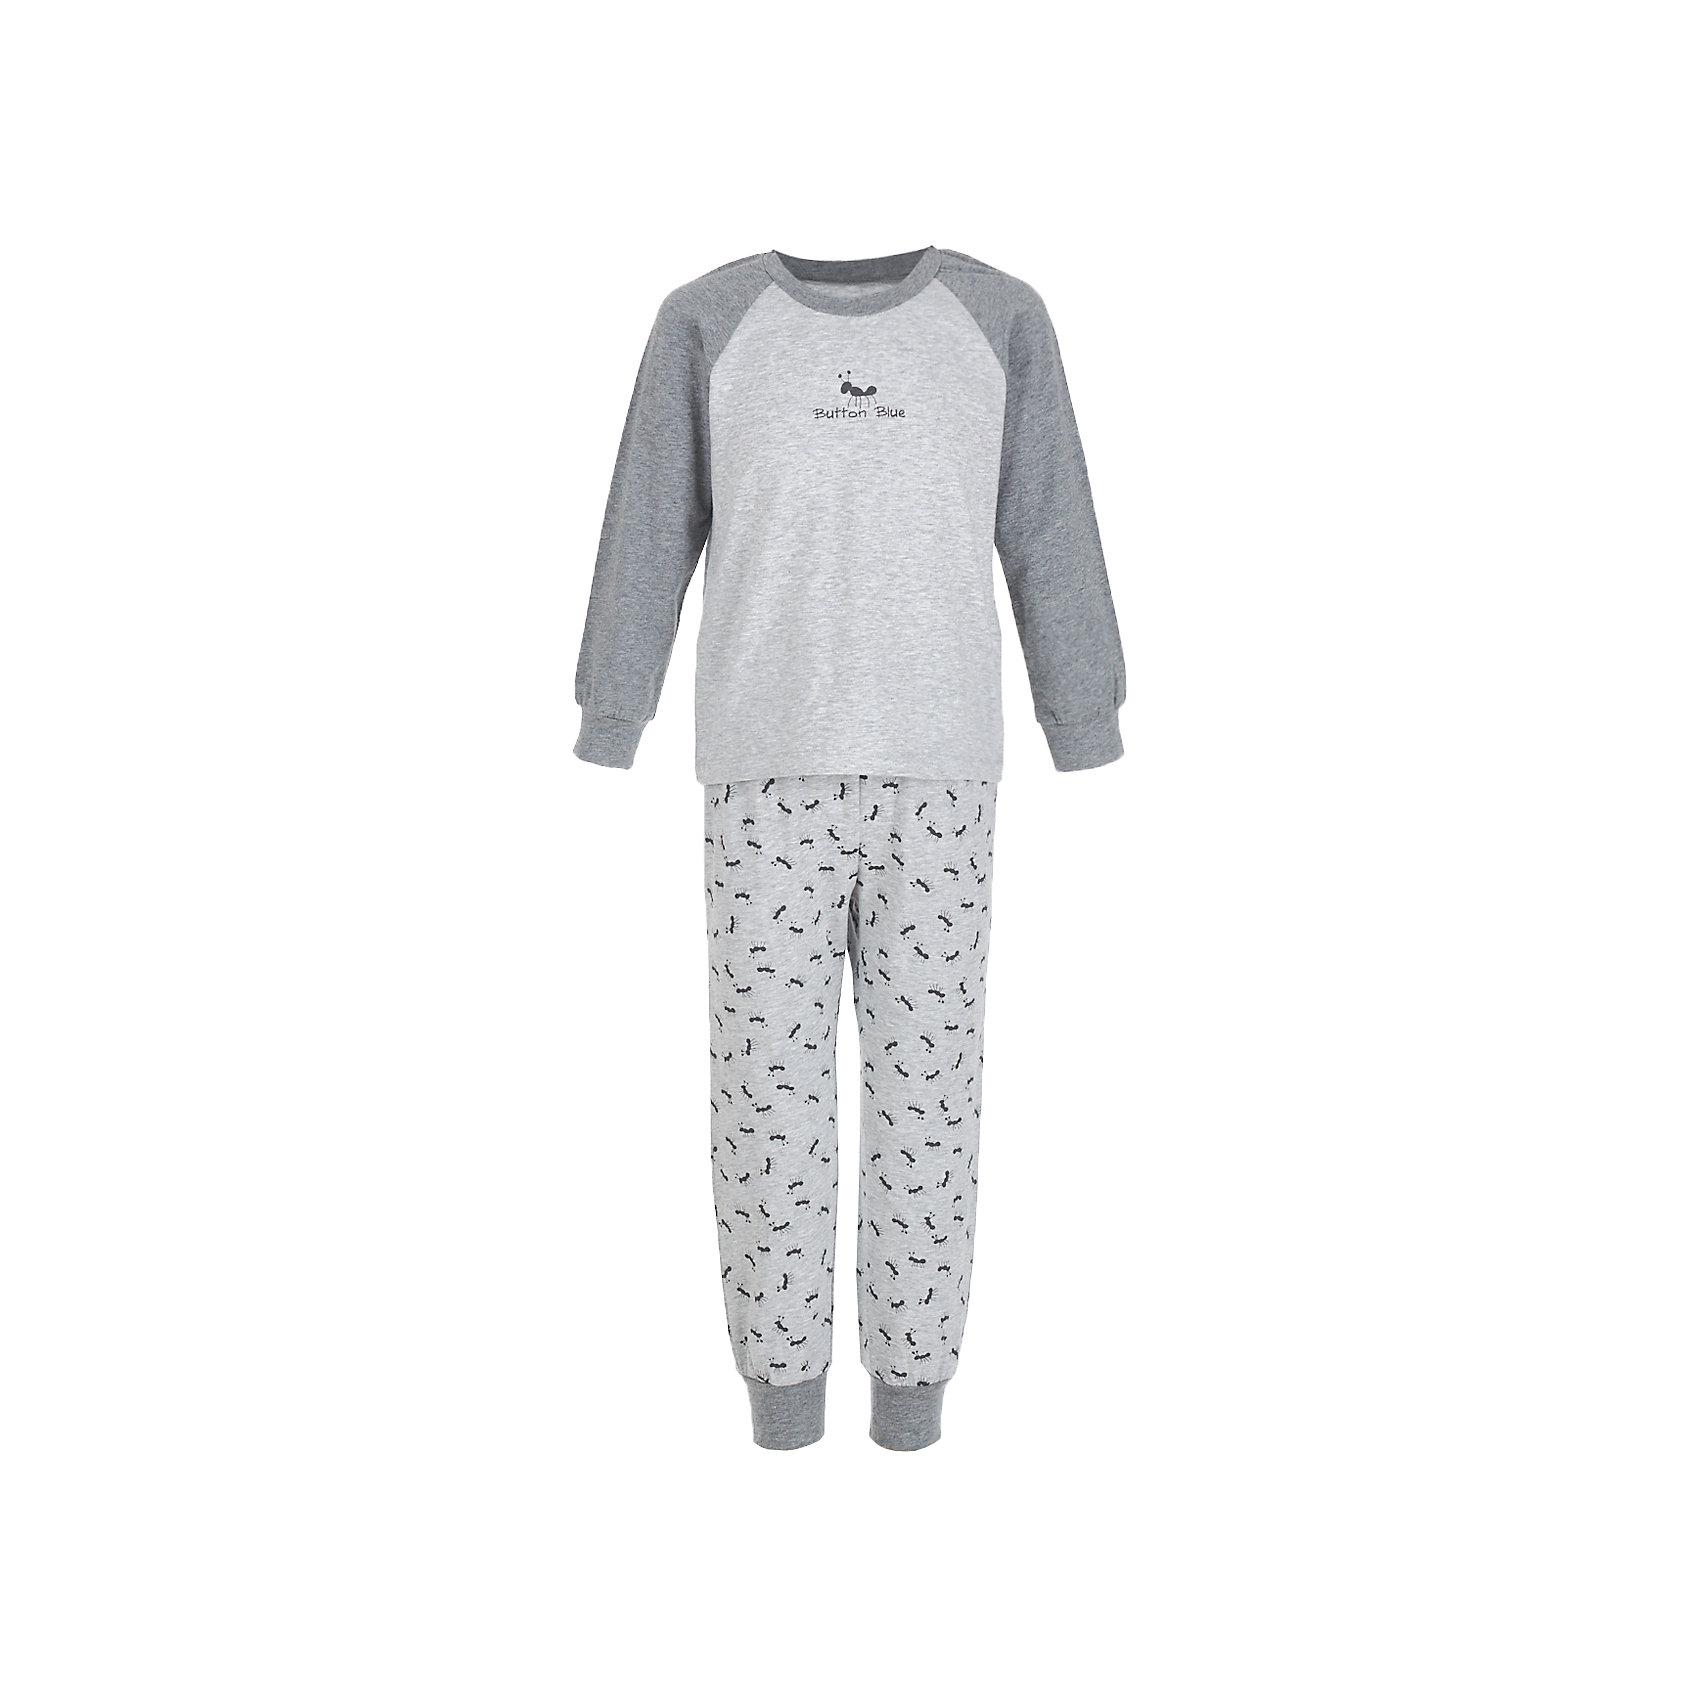 Пижама BUTTON BLUE для мальчикаПижамы и сорочки<br>Пижама BUTTON BLUE для мальчика<br>Уютная пижама с длинным рукавом - прекрасный комплект для комфортного сна. Если вы хотите сформировать бельевой гардероб ребенка из качественных, удобных, приятных к телу вещей, вам стоит купить пижаму от Button Blue. Все трикотажные пижамы для мальчиков украшает интересный принт.<br>Состав:<br>95% хлопок           5% эластан<br><br>Ширина мм: 281<br>Глубина мм: 70<br>Высота мм: 188<br>Вес г: 295<br>Цвет: серый<br>Возраст от месяцев: 132<br>Возраст до месяцев: 144<br>Пол: Мужской<br>Возраст: Детский<br>Размер: 152,98,104,116,128,140<br>SKU: 7039384